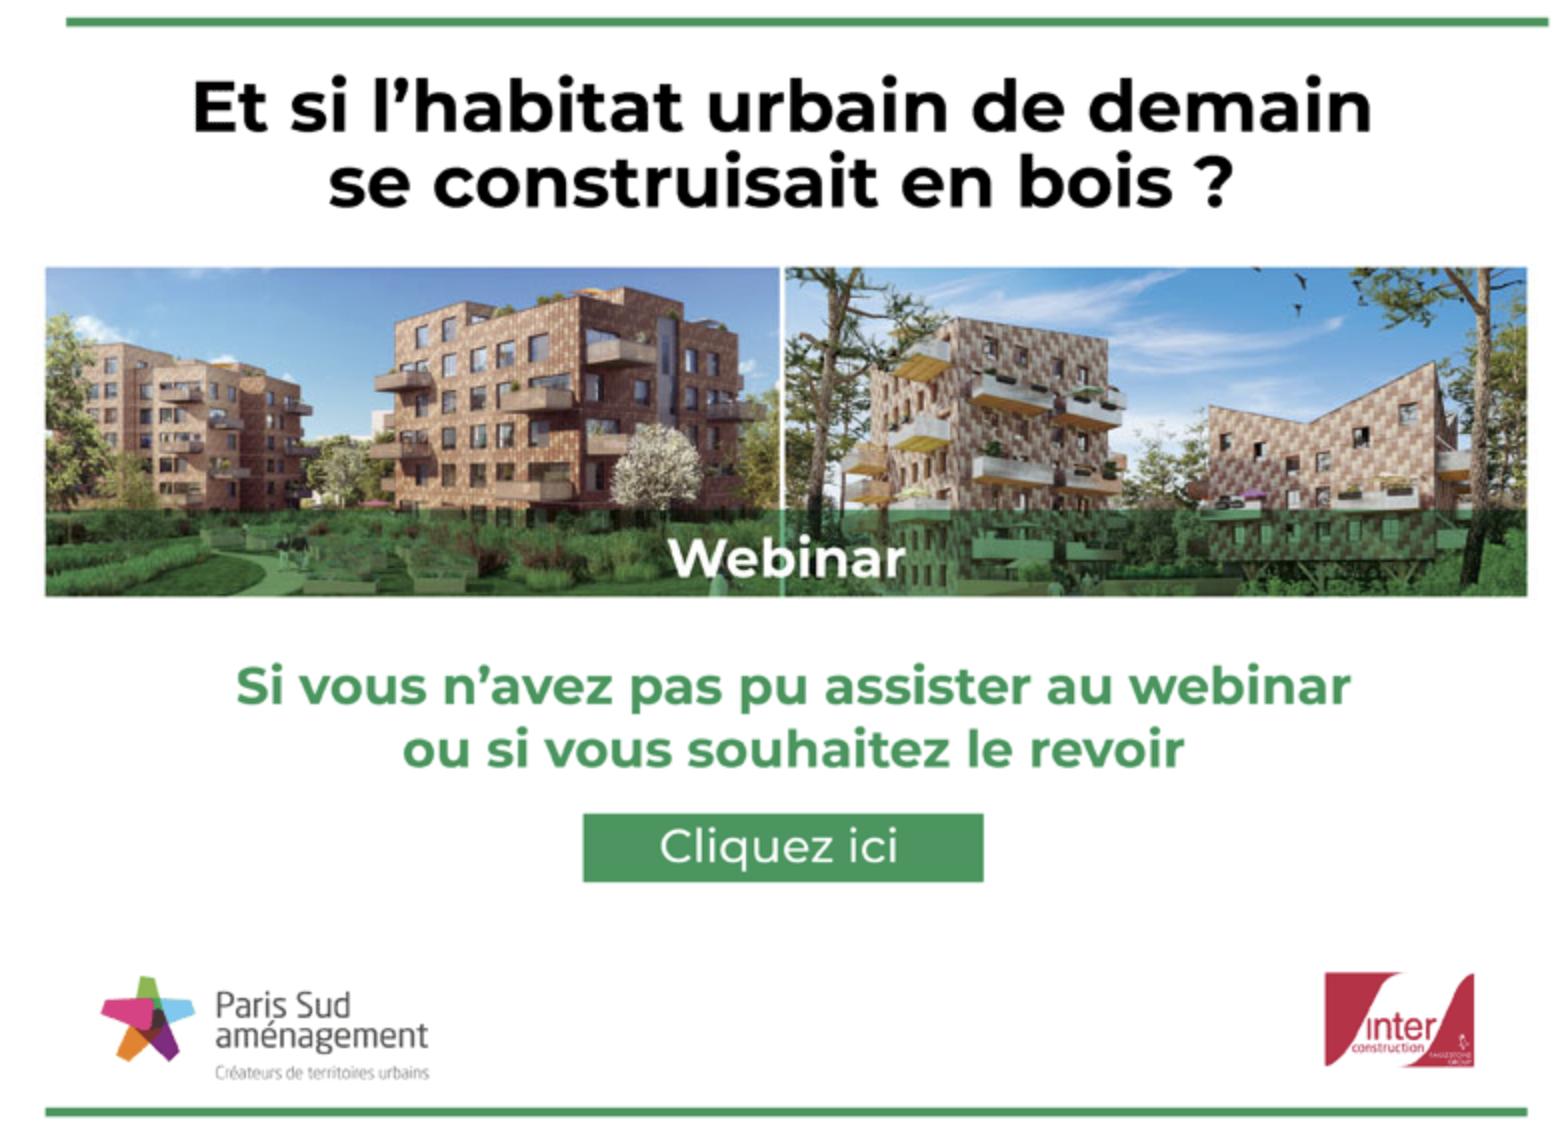 webinar « Et si l'habitat urbain de demain se construisait en bois ? »